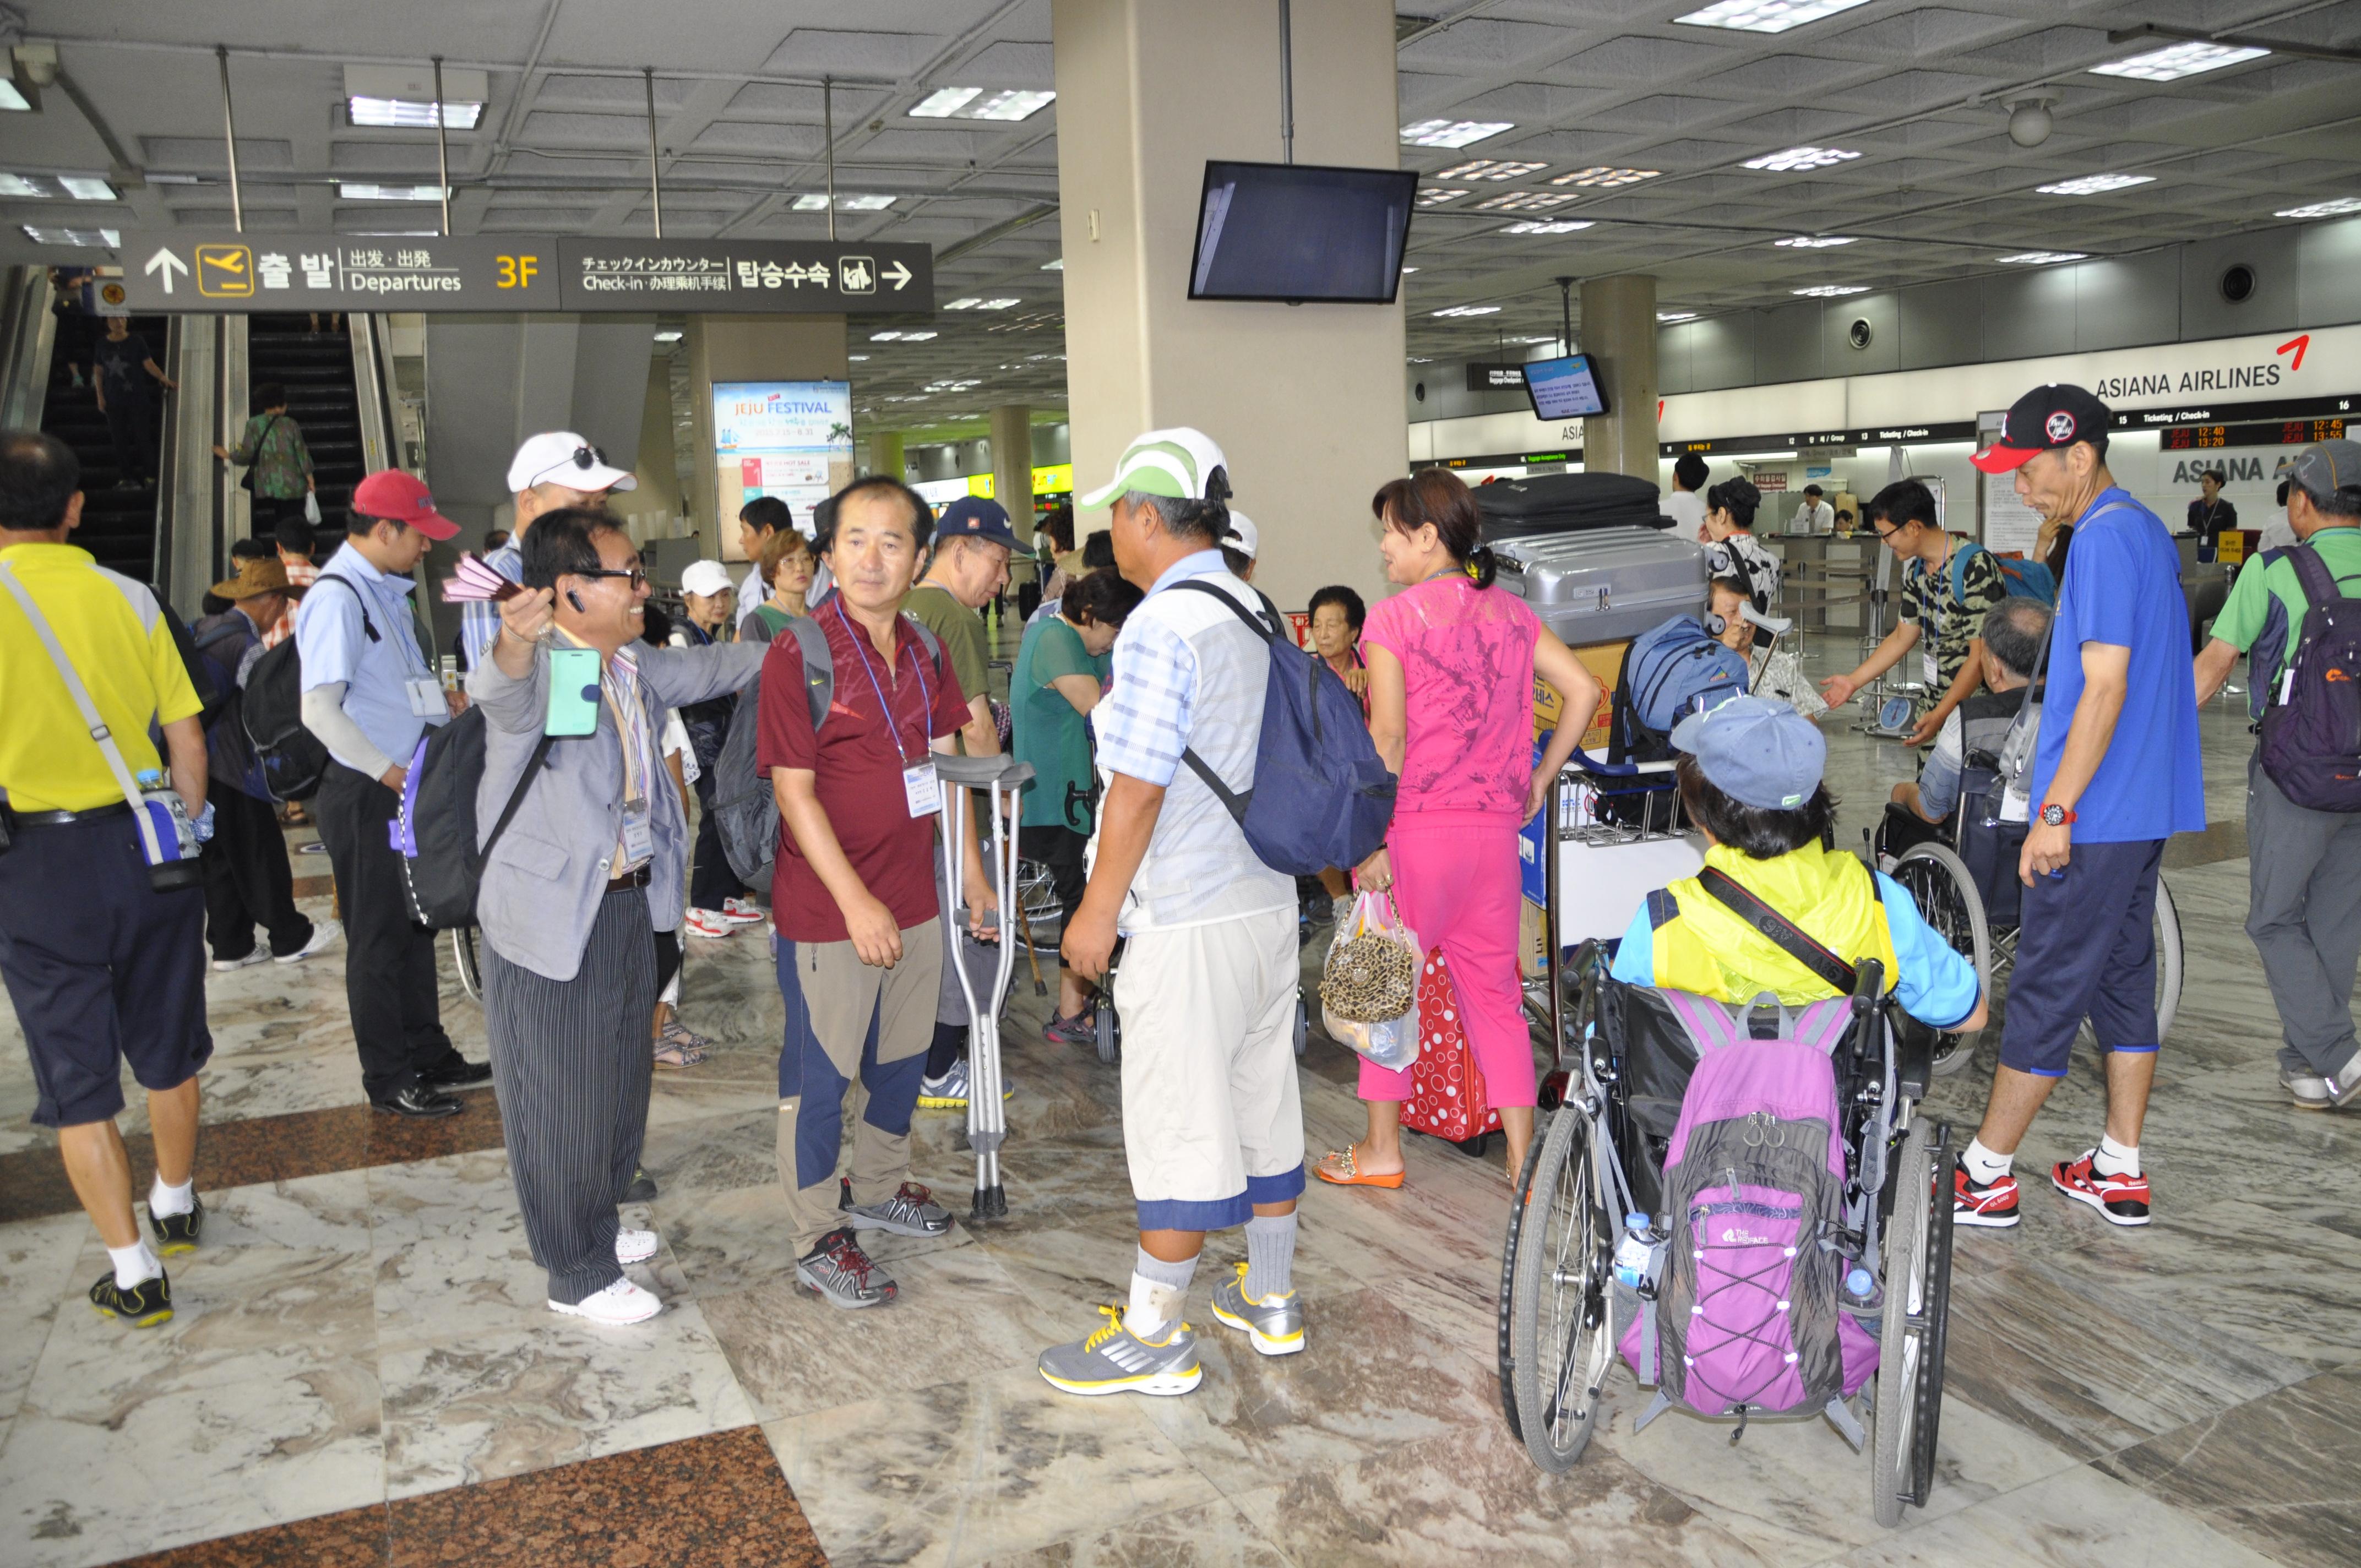 김포공항에 모인 참가자들.JPG